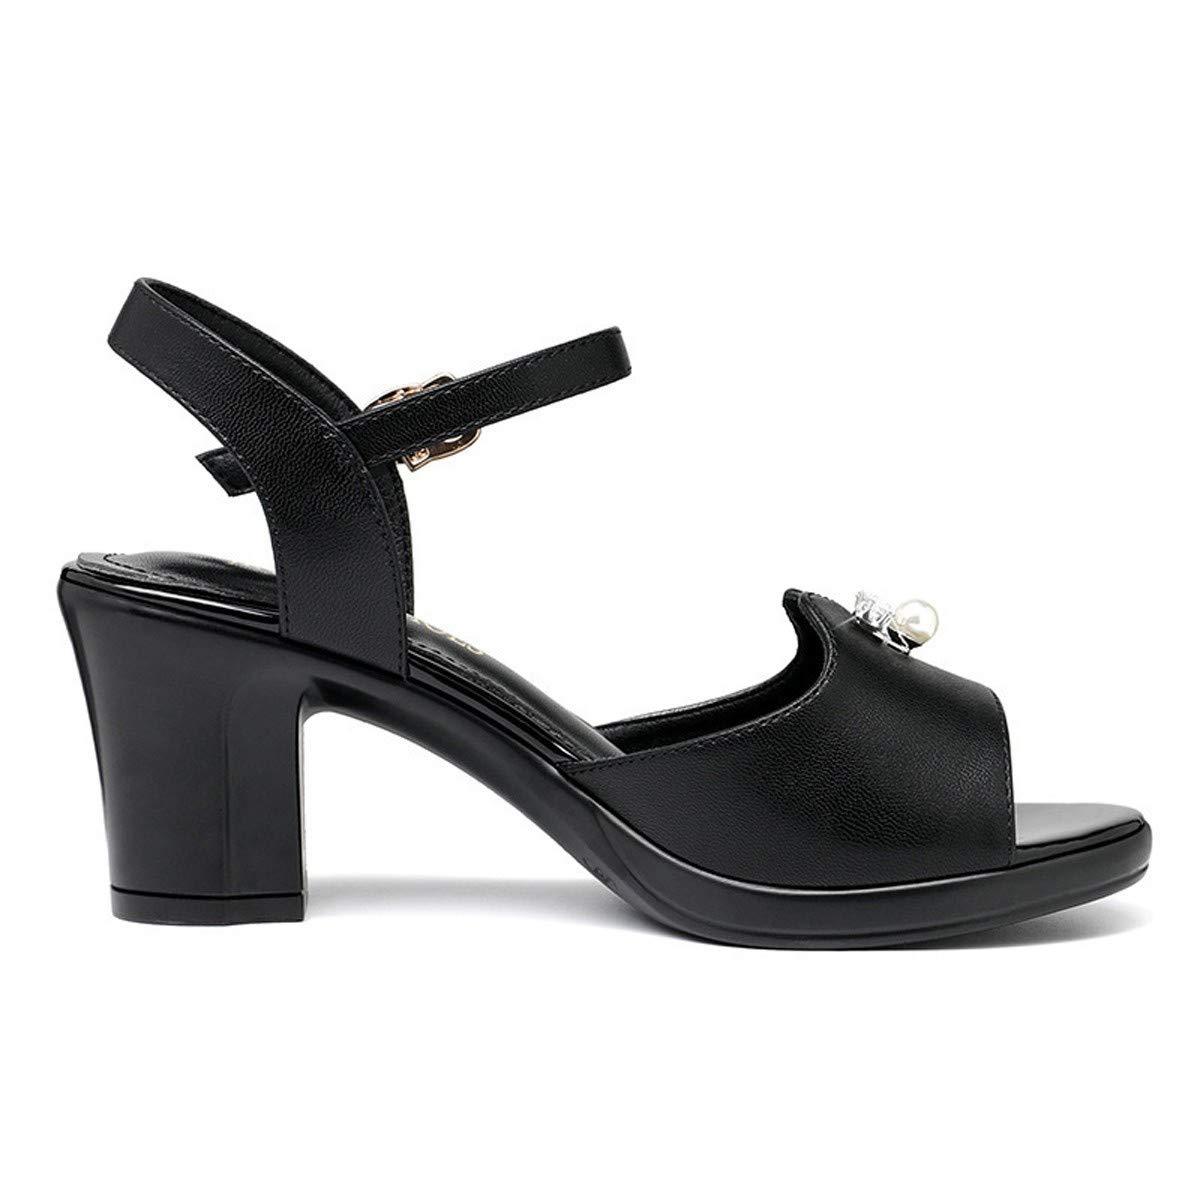 SFSYDDY Chaussures Populaires Bouton des Chaussures 7Cm Sandales Nouveau Style La Mode Les Talons Haut Et épaisse Forty noir